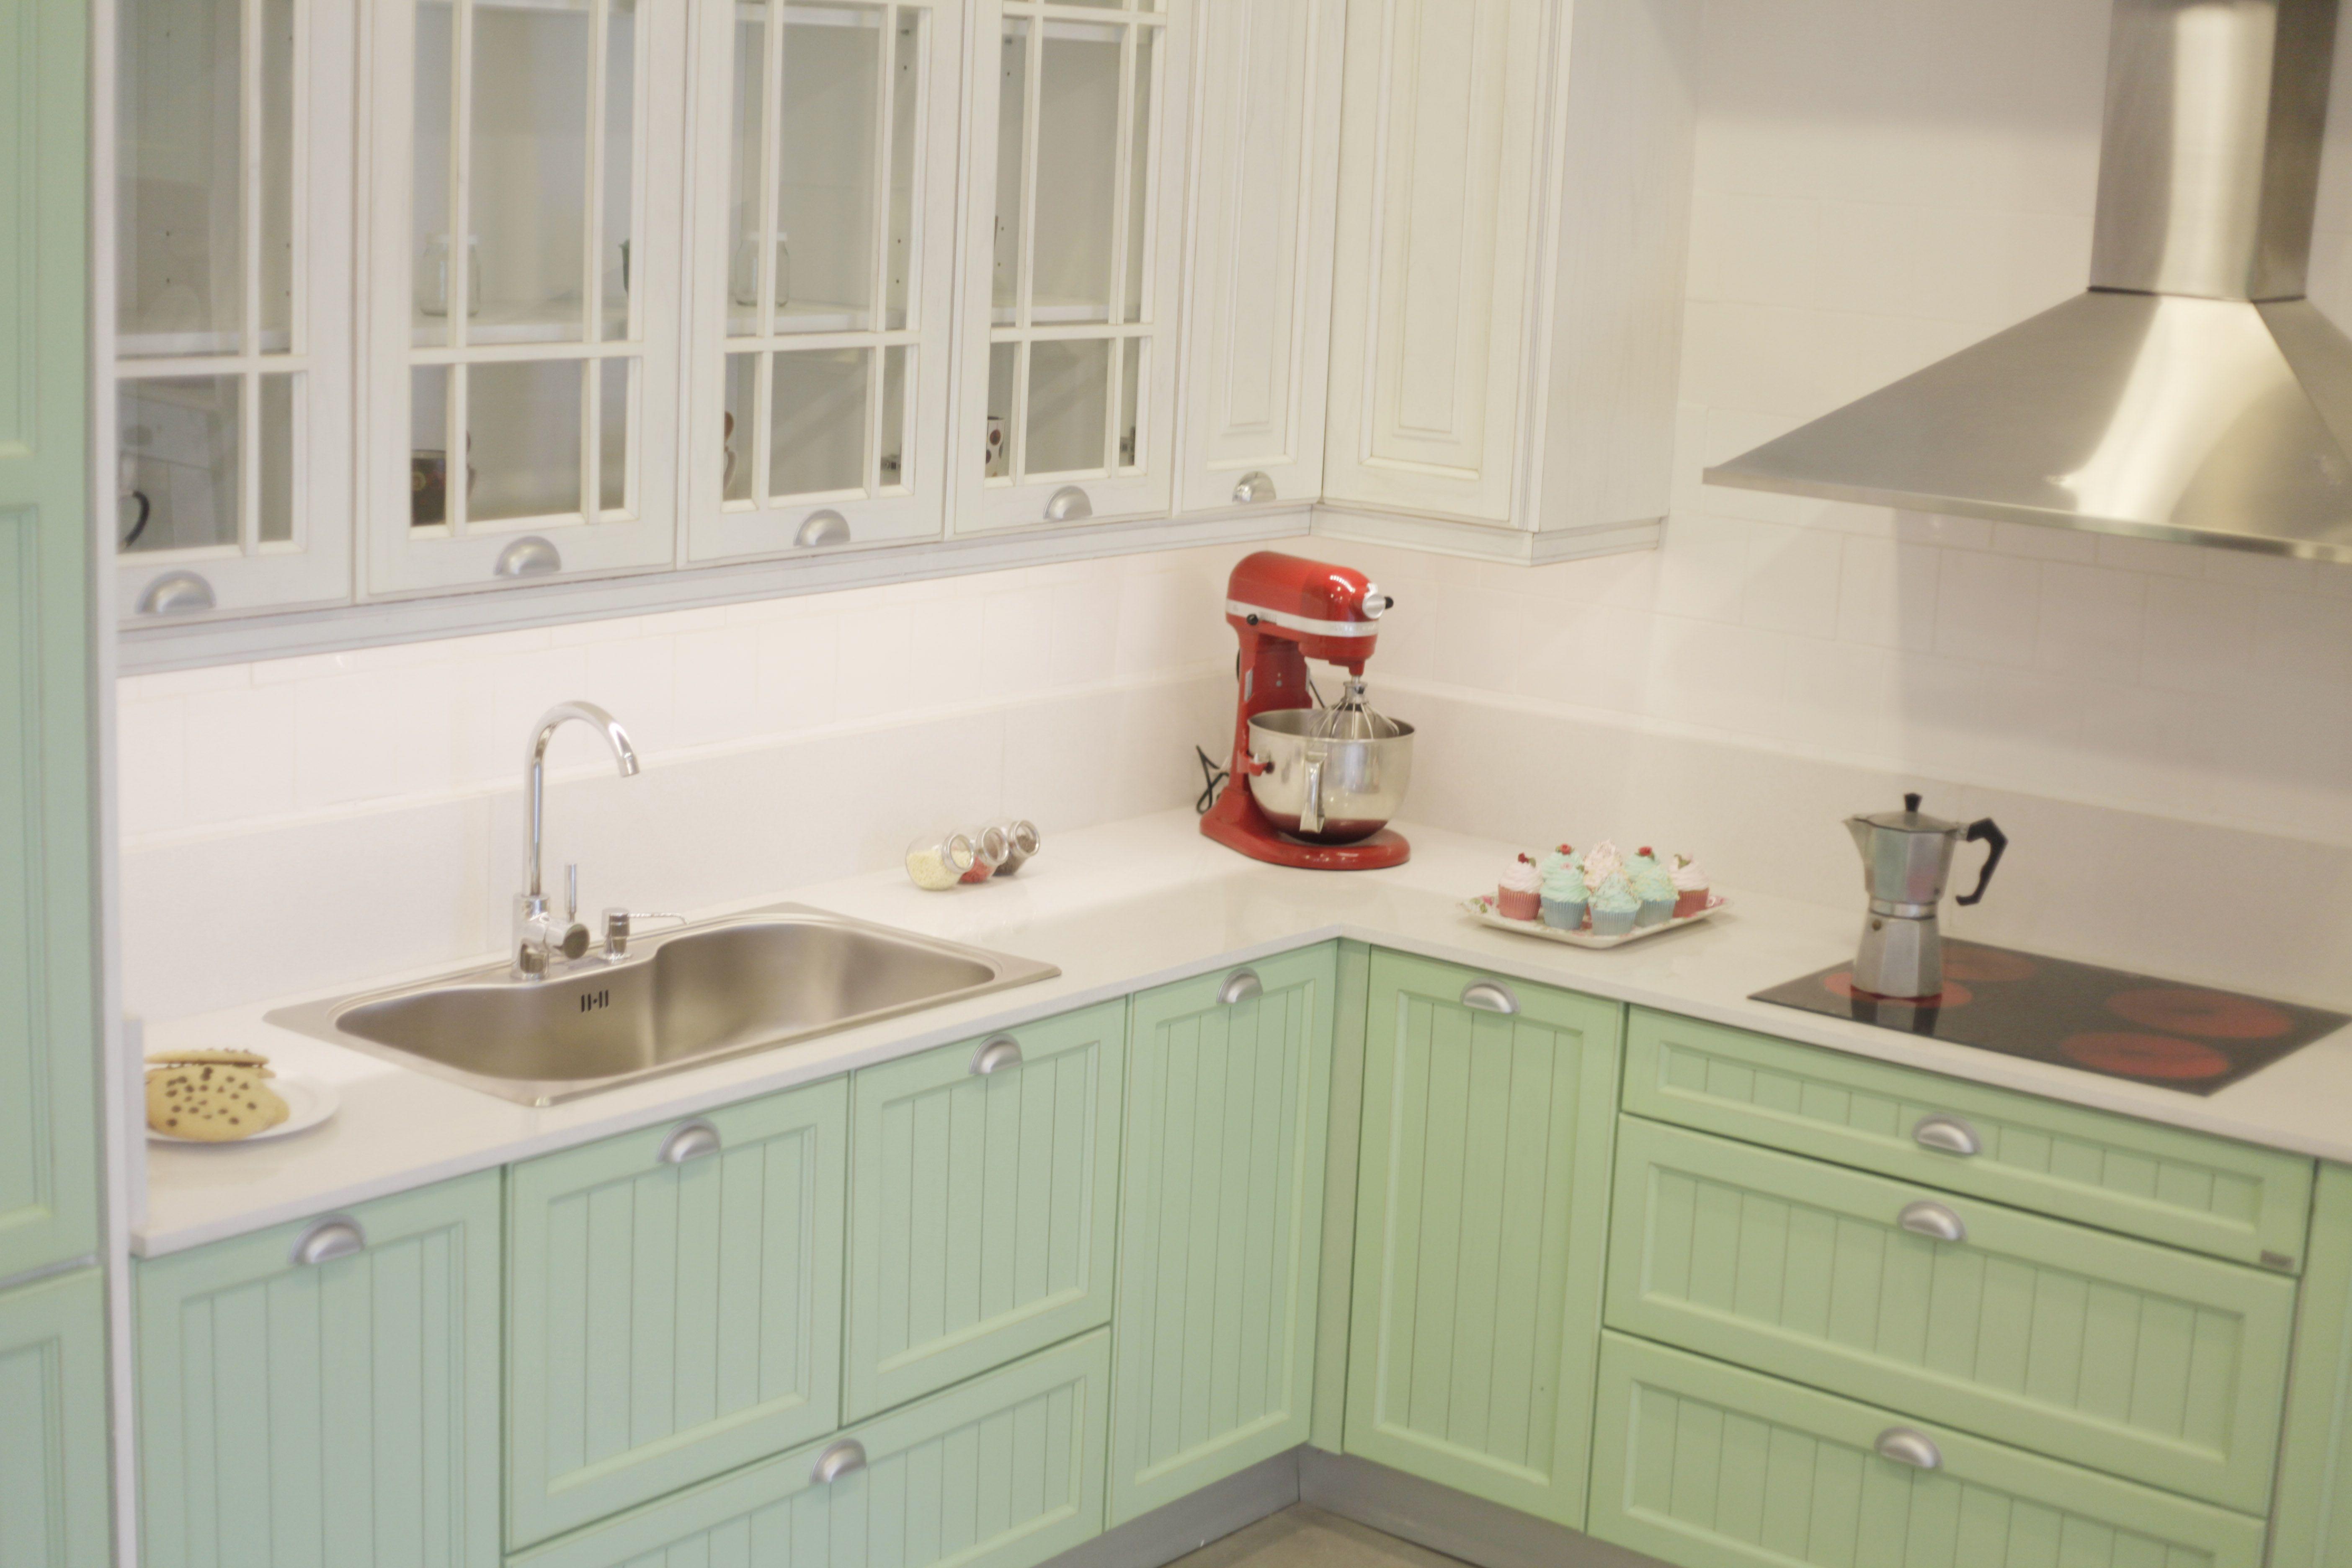 Amoblamiento de cocina linea retro en color verde agua - Cocina verde agua ...